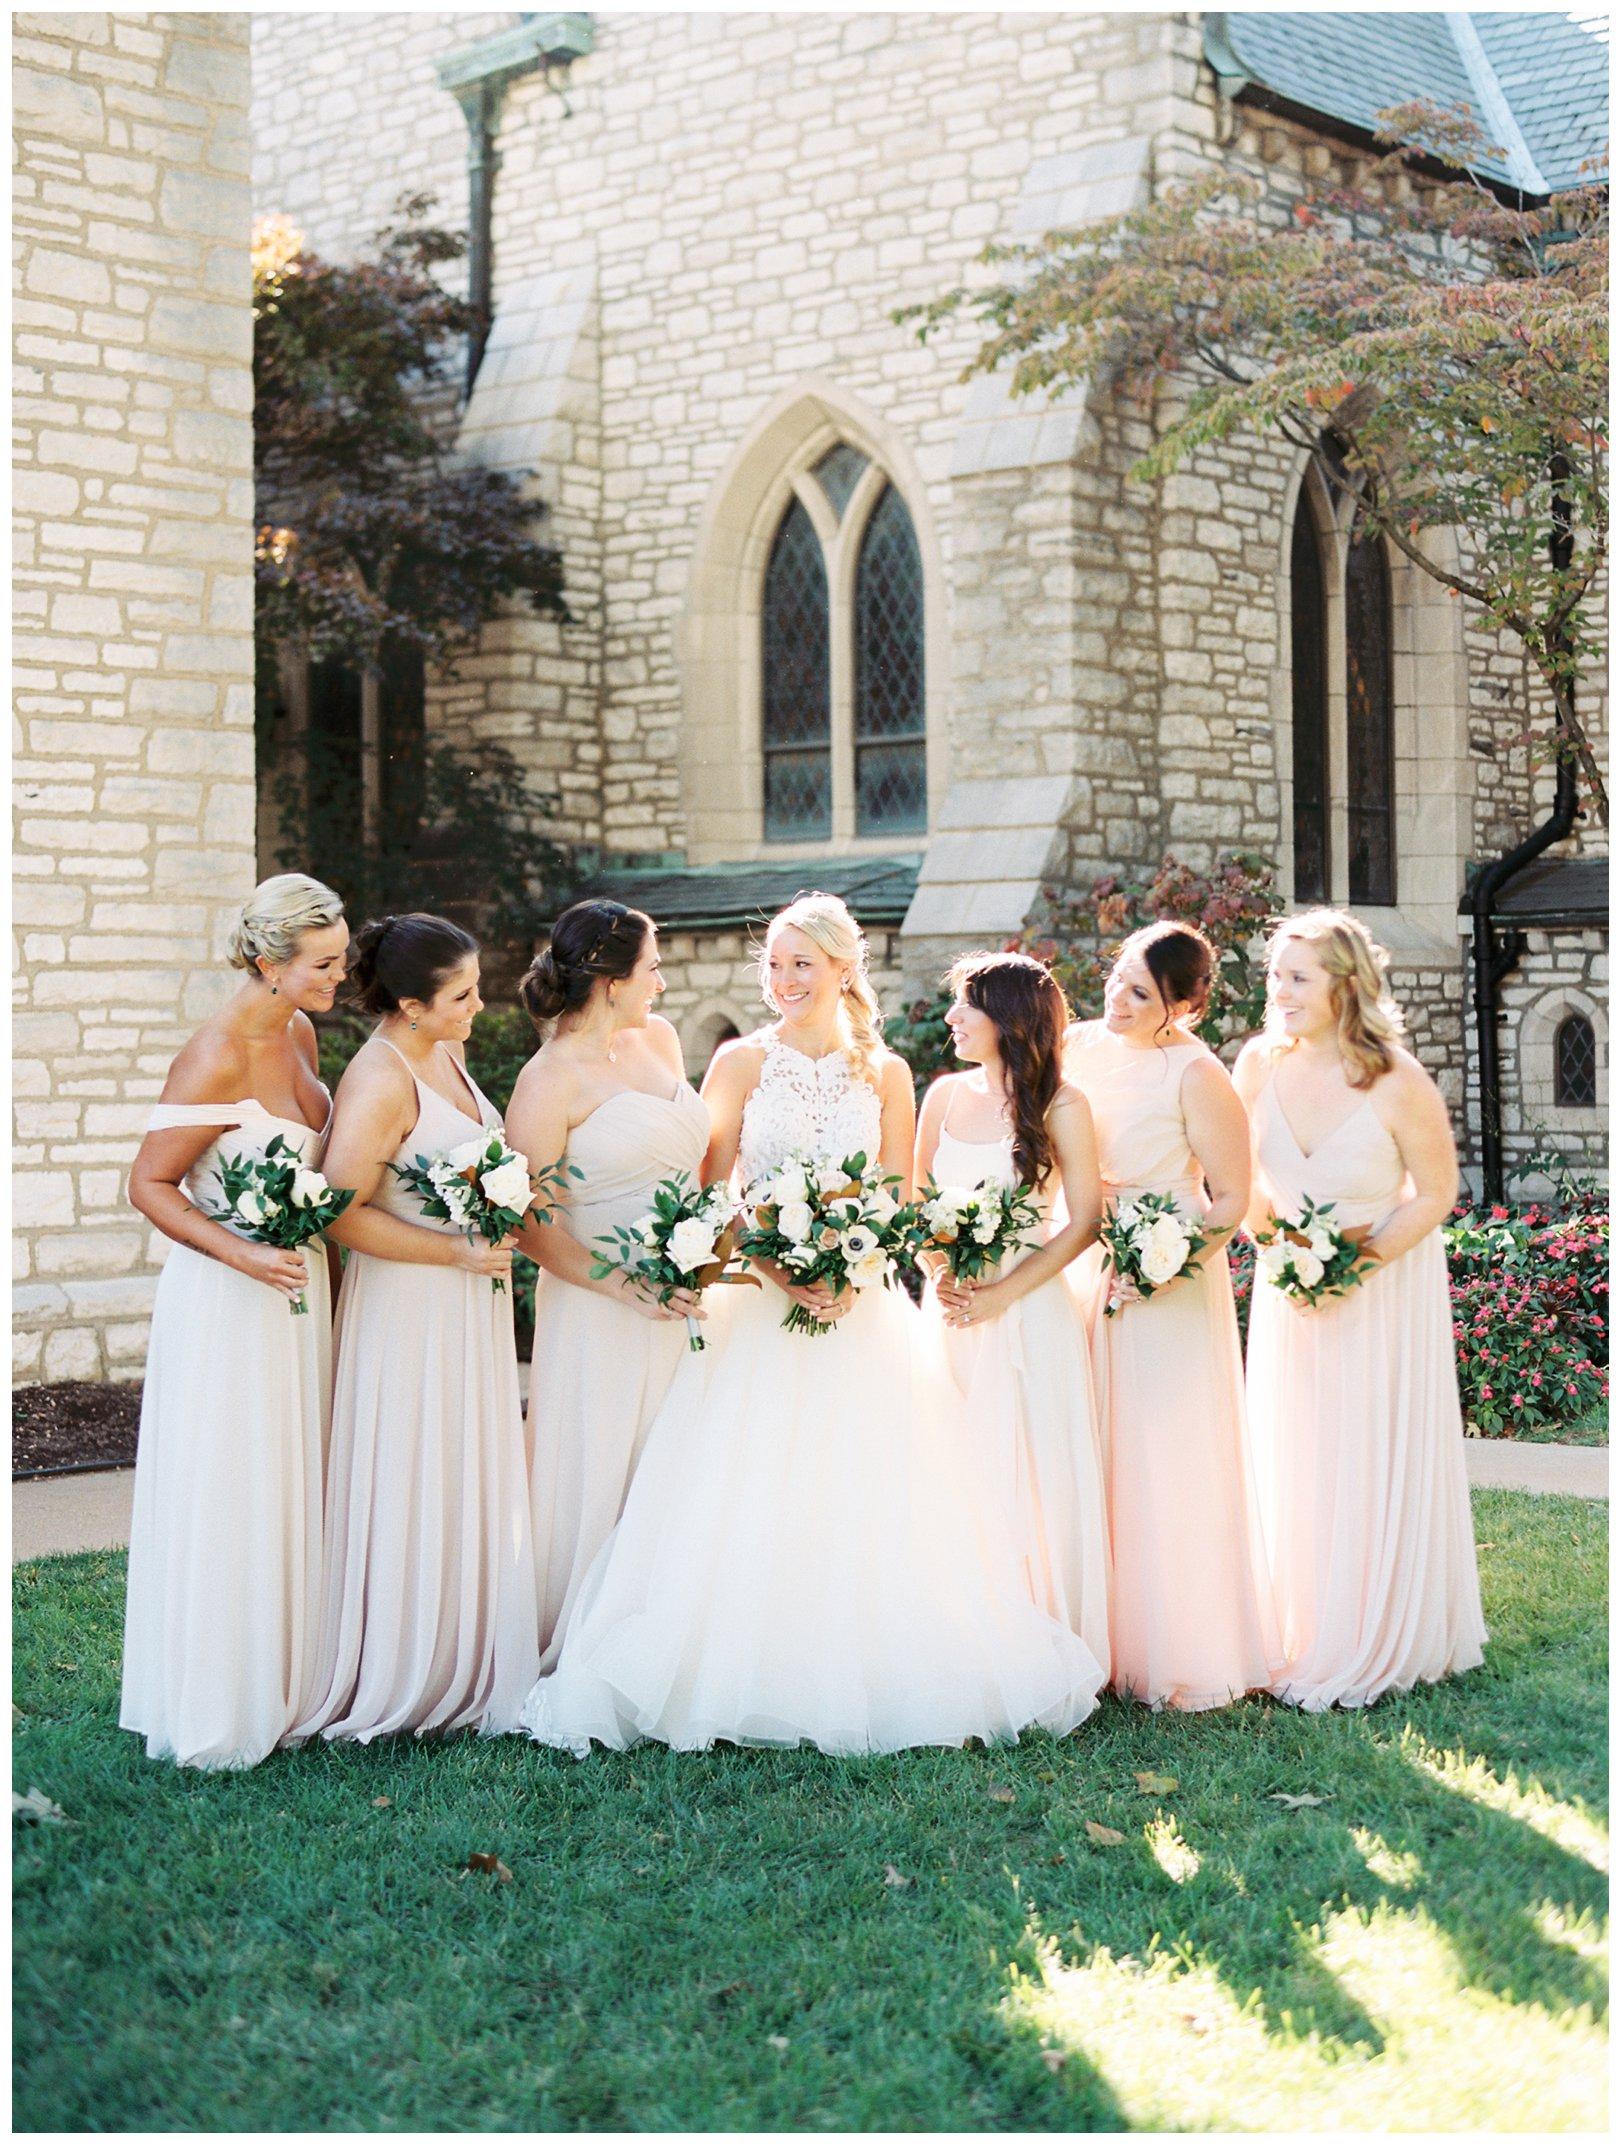 lauren muckler photography_fine art film wedding photography_st louis_photography_2426.jpg